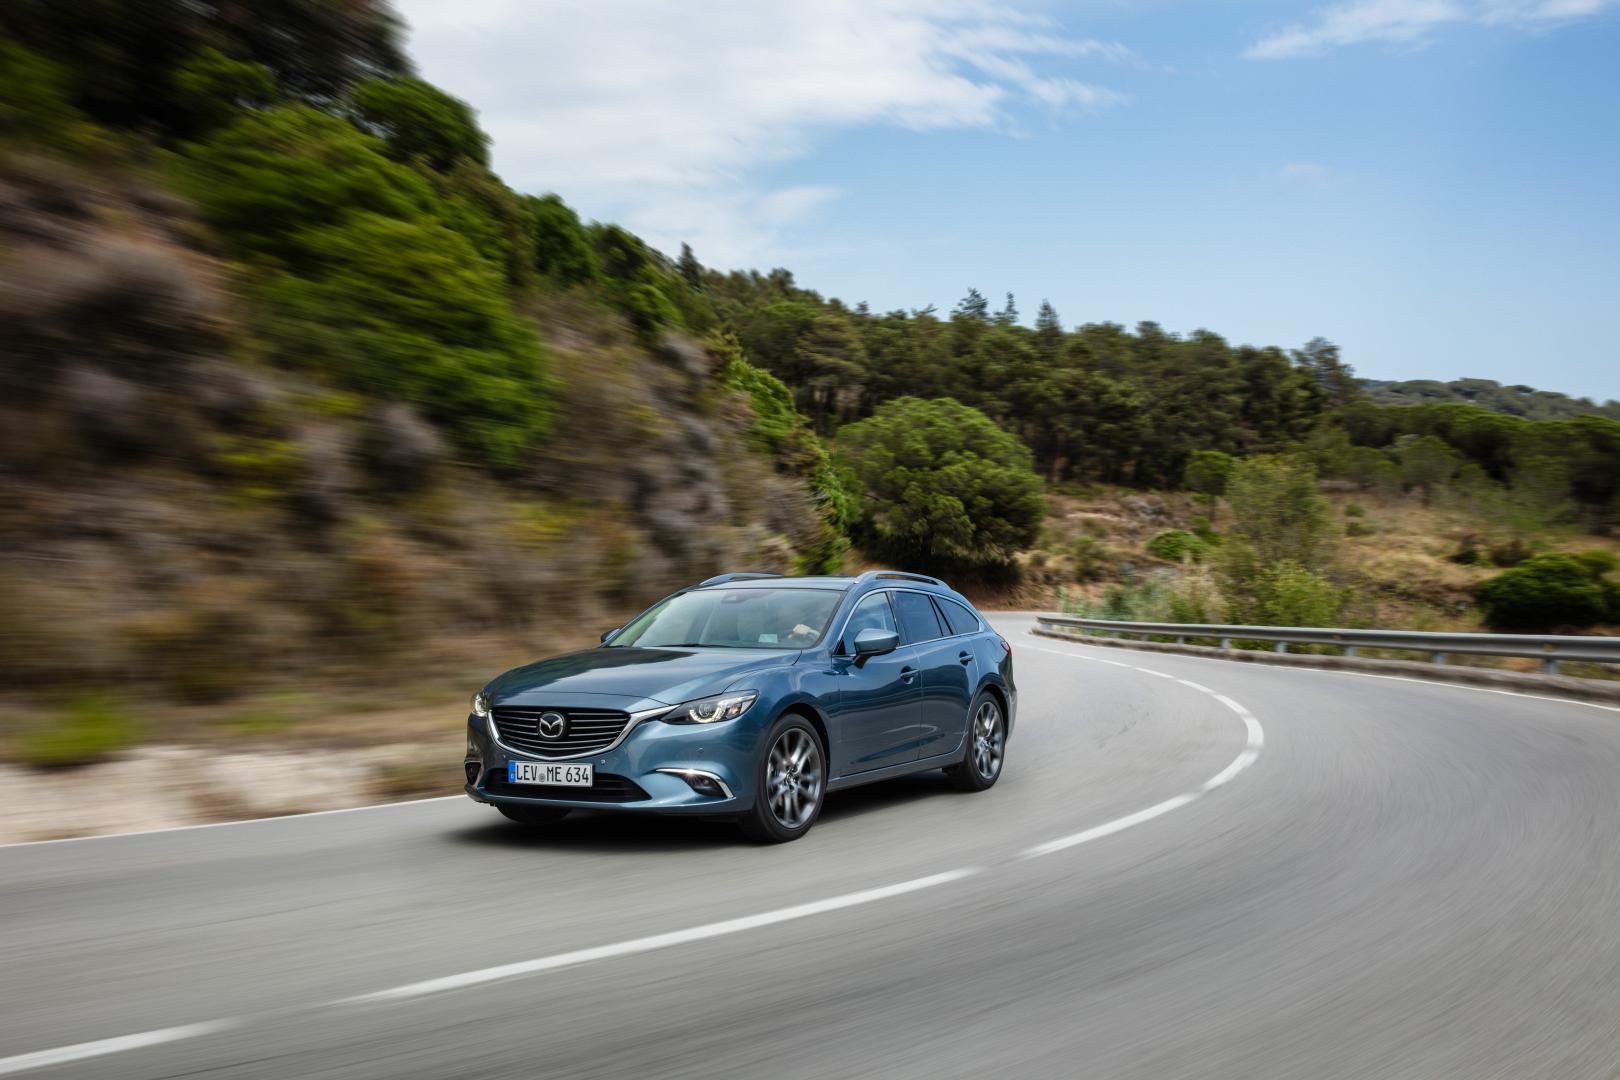 Mazda 6 Sportbreak SkyActiv-G 2.0